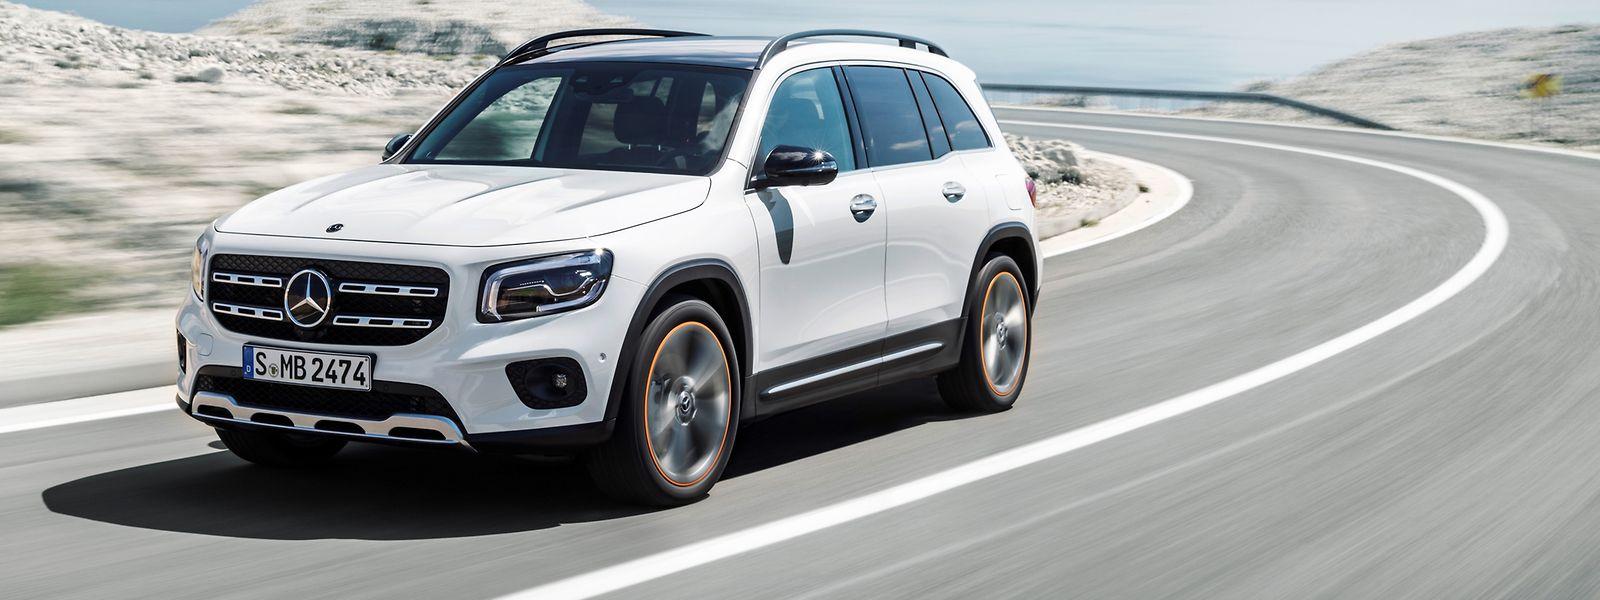 Die kraftvollen Proportionen unterstreichen das Offroad-orientierte Design des neuen Kompakt-SUV von Mercedes-Benz.